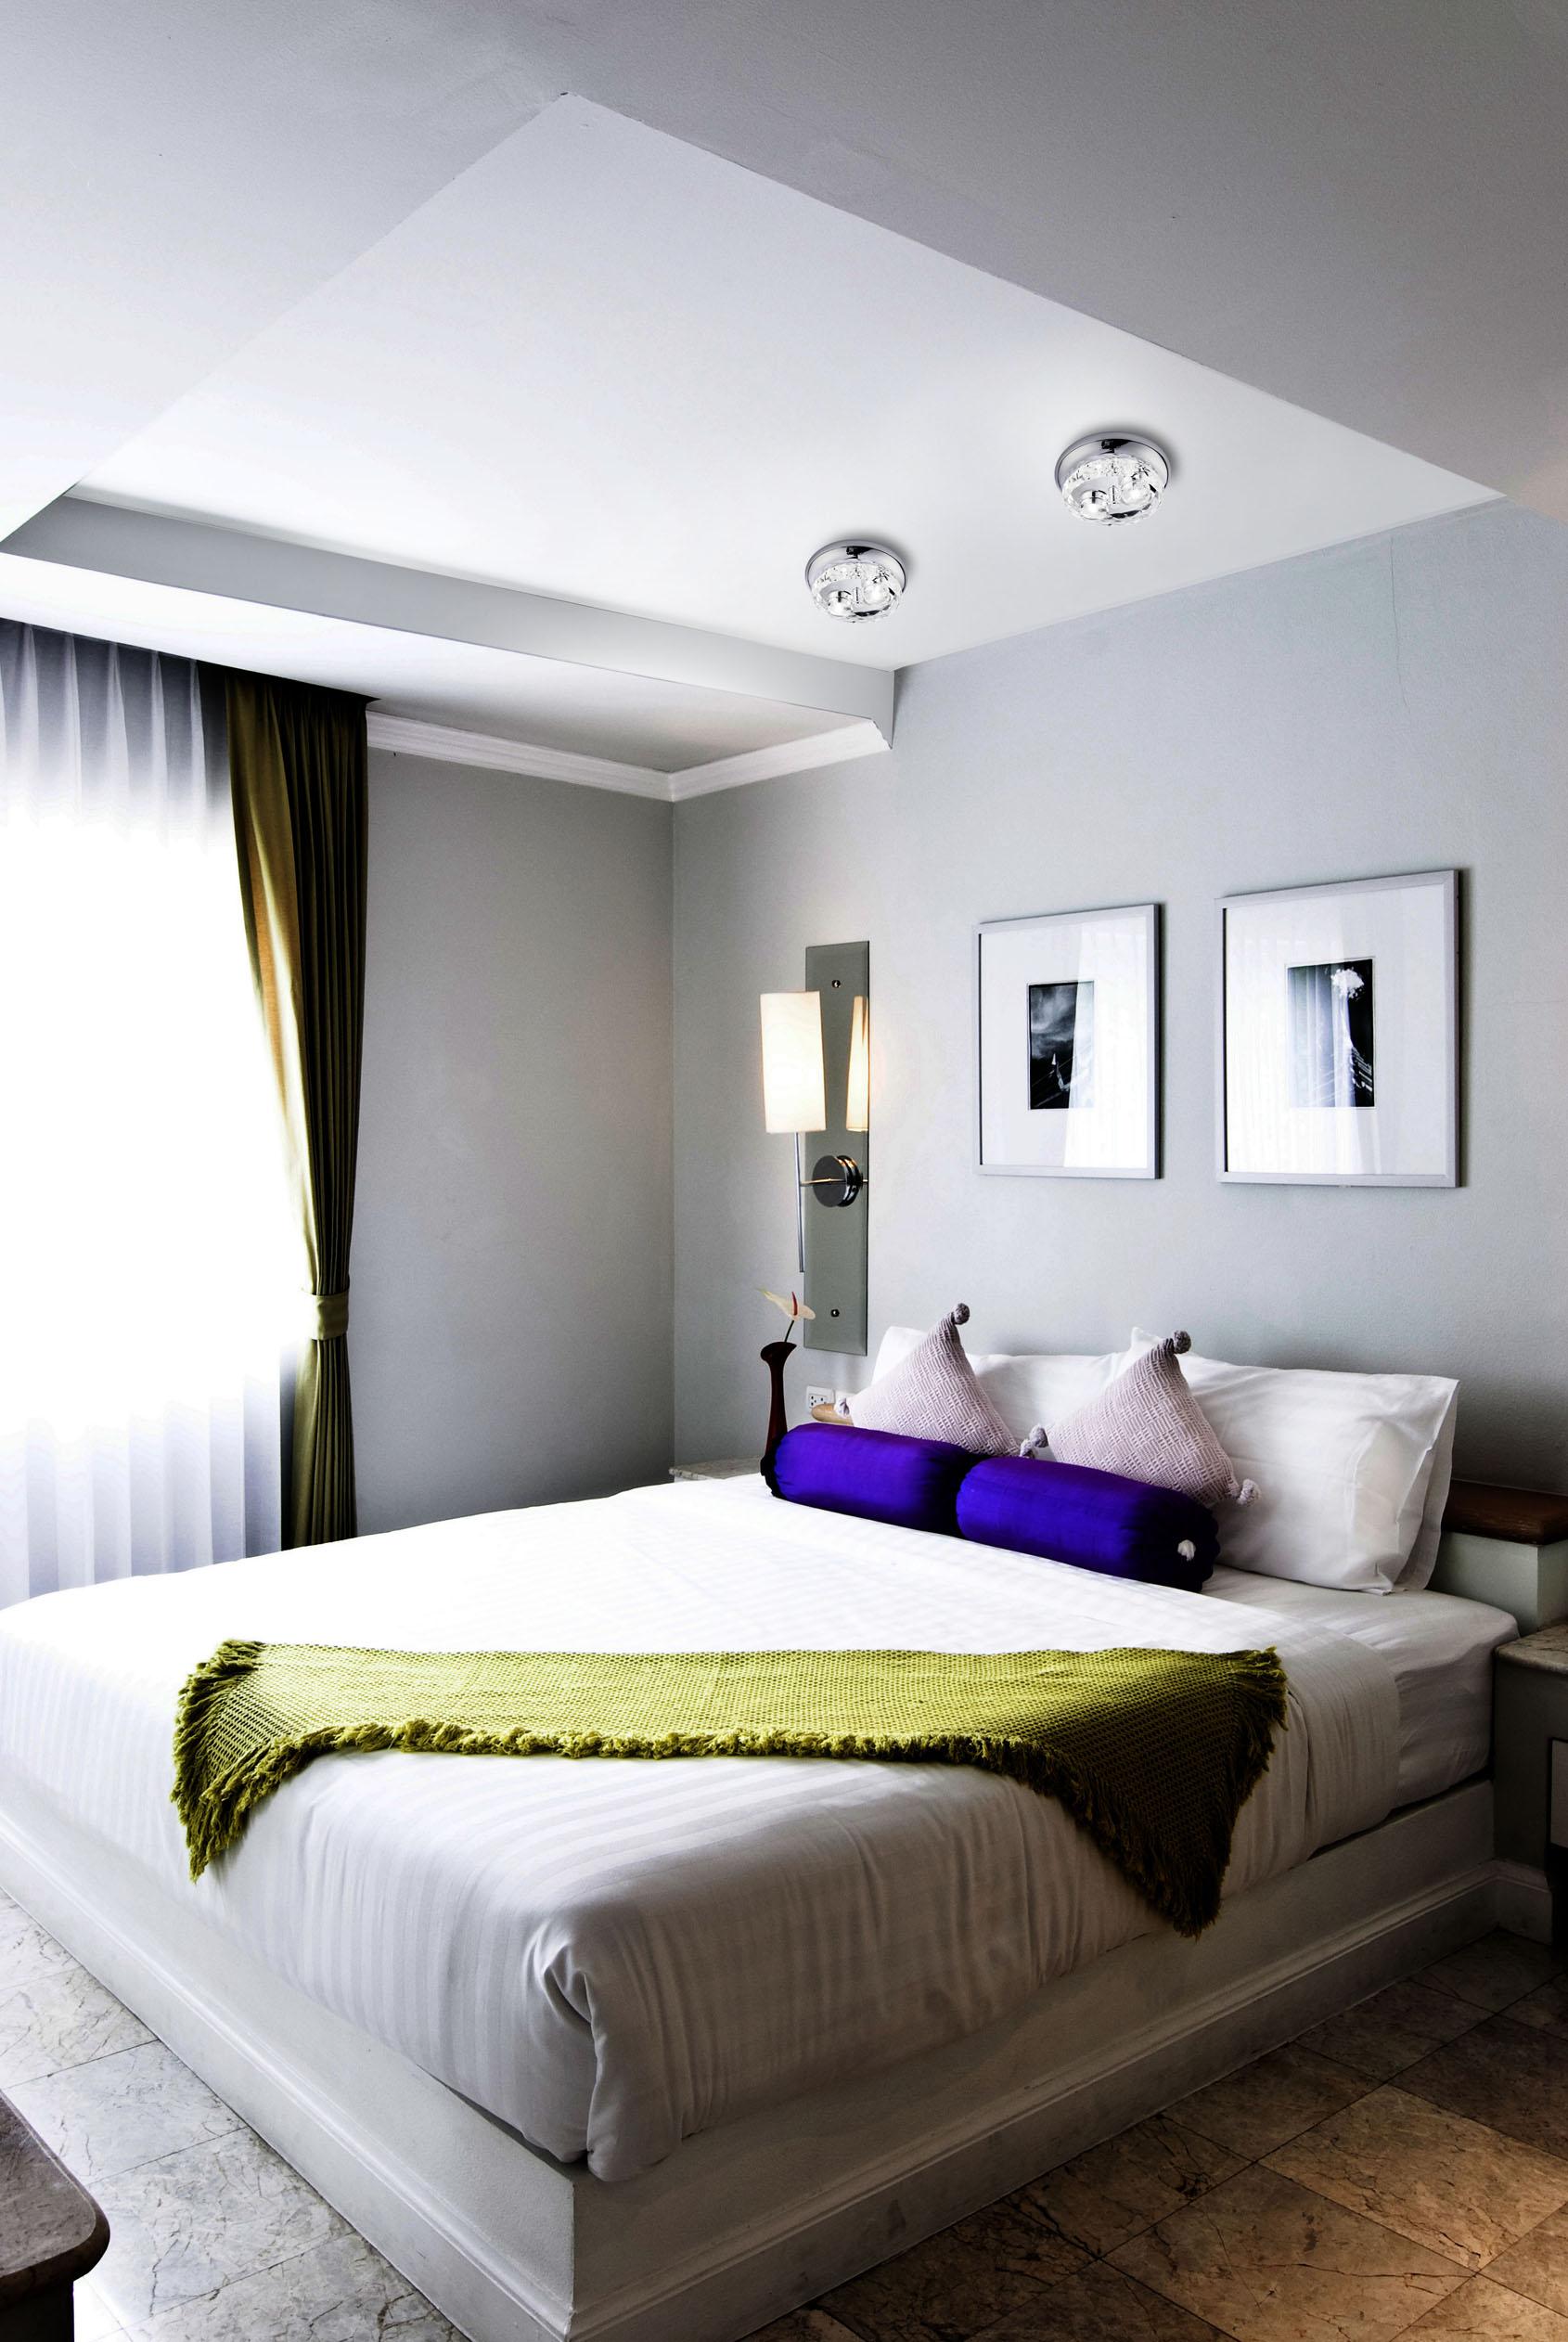 Iluminar el dormitorio algunos ejemplos que te servir n de inspiraci n - Luz para dormitorio ...